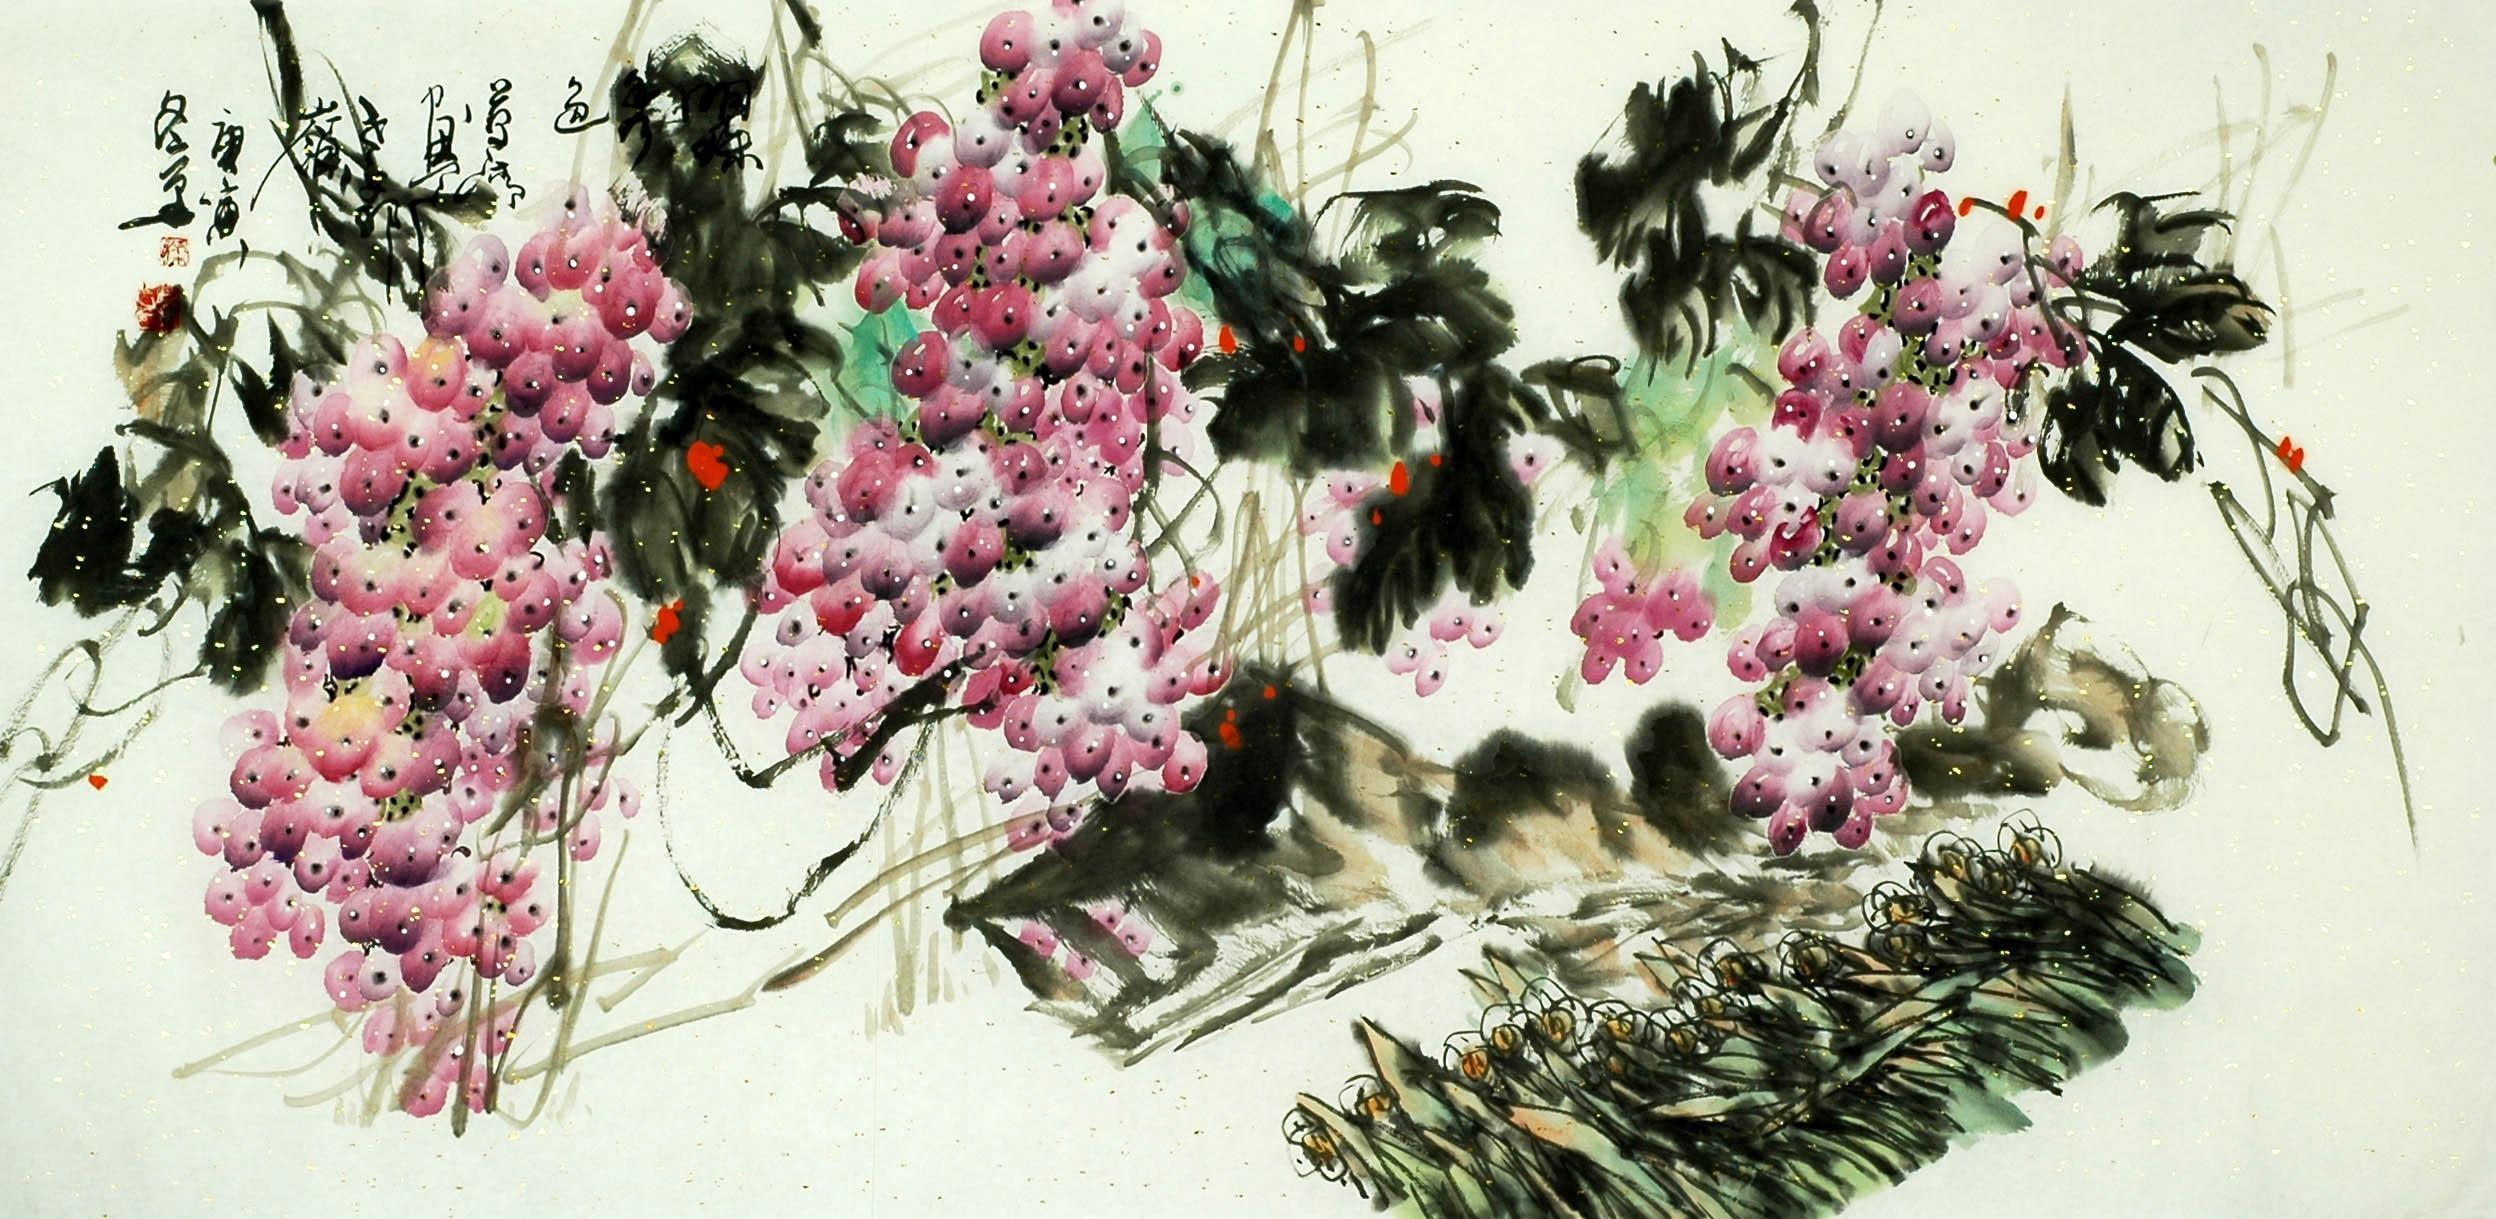 Chinese Grapes Painting - CNAG008053